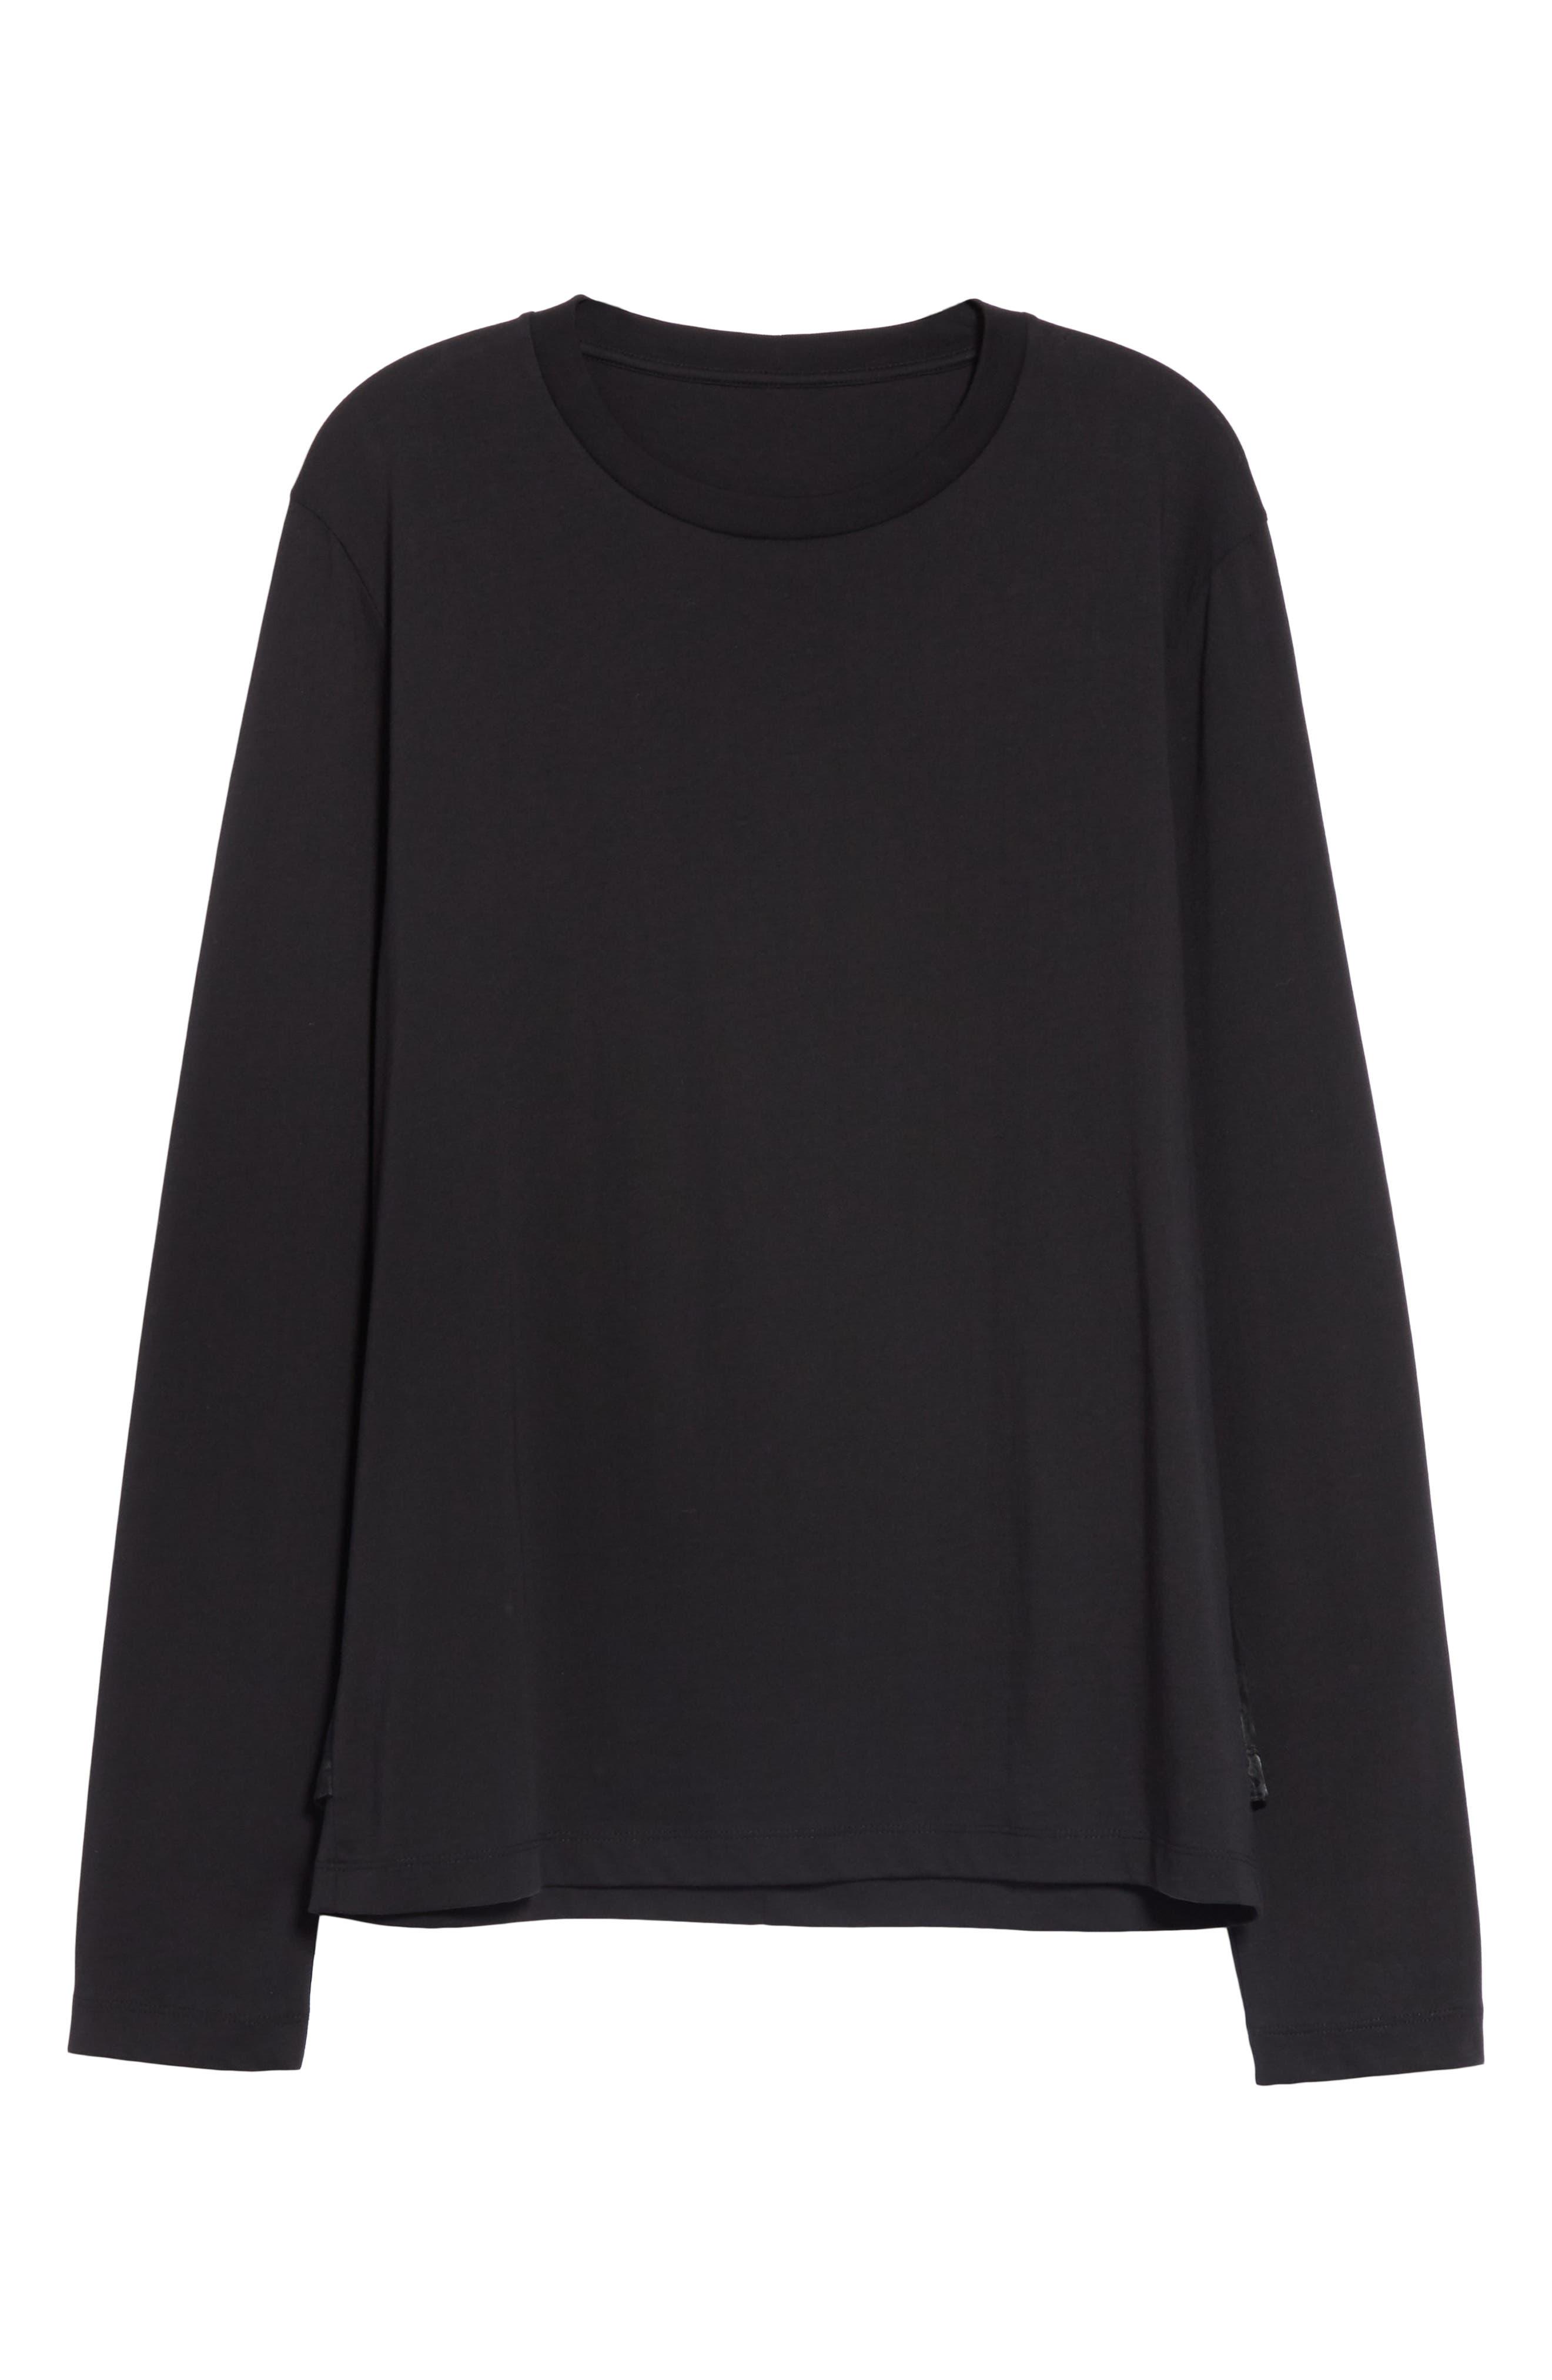 HELMUT LANG, Overlay Long Sleeve T-Shirt, Alternate thumbnail 6, color, BLACK